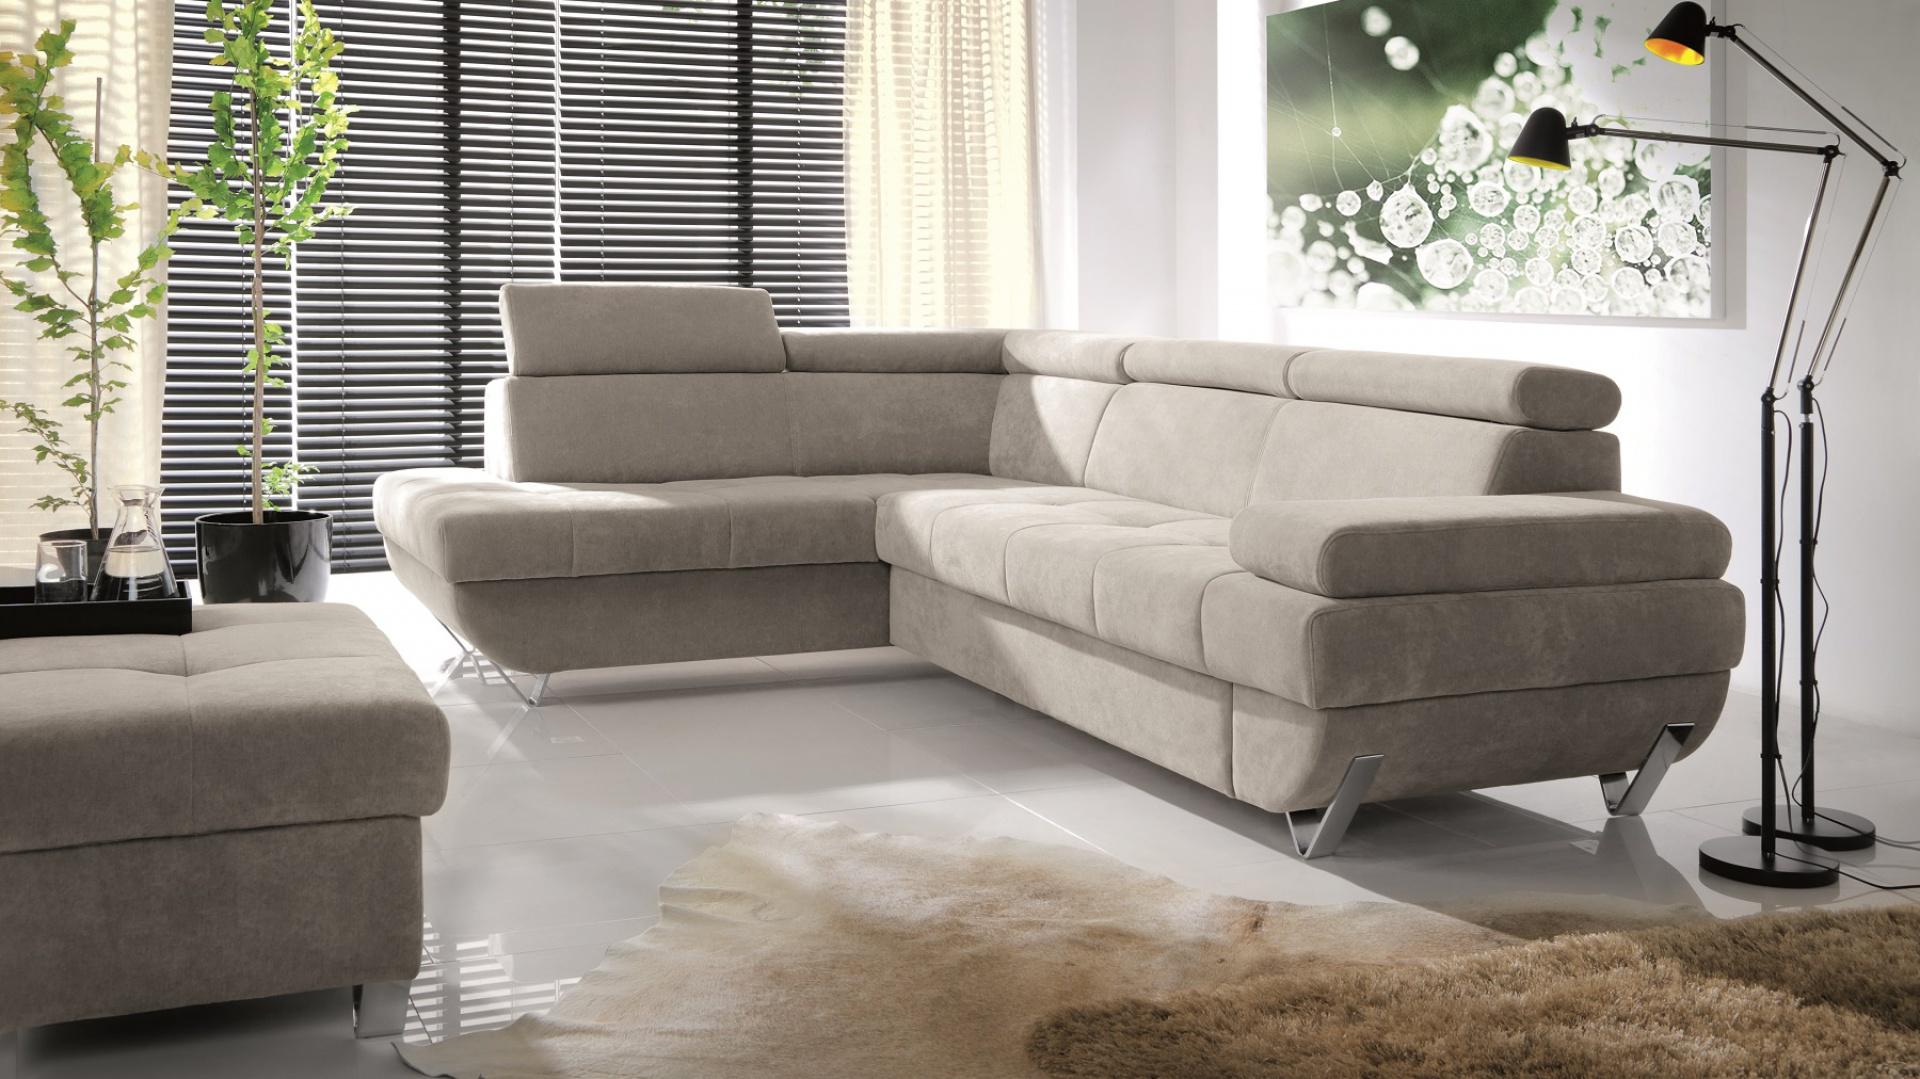 """Funkcjonalność komfort i elegancja to synonimy narożnika MOORE. Proste bryły z efektownymi, pikowanymi siedziskami tworzą wyrafinowaną całość. Funkcja spania typu """"delfin"""". Powierzchnia spania: 125x205 cm. Fot. Wajnert Meble."""